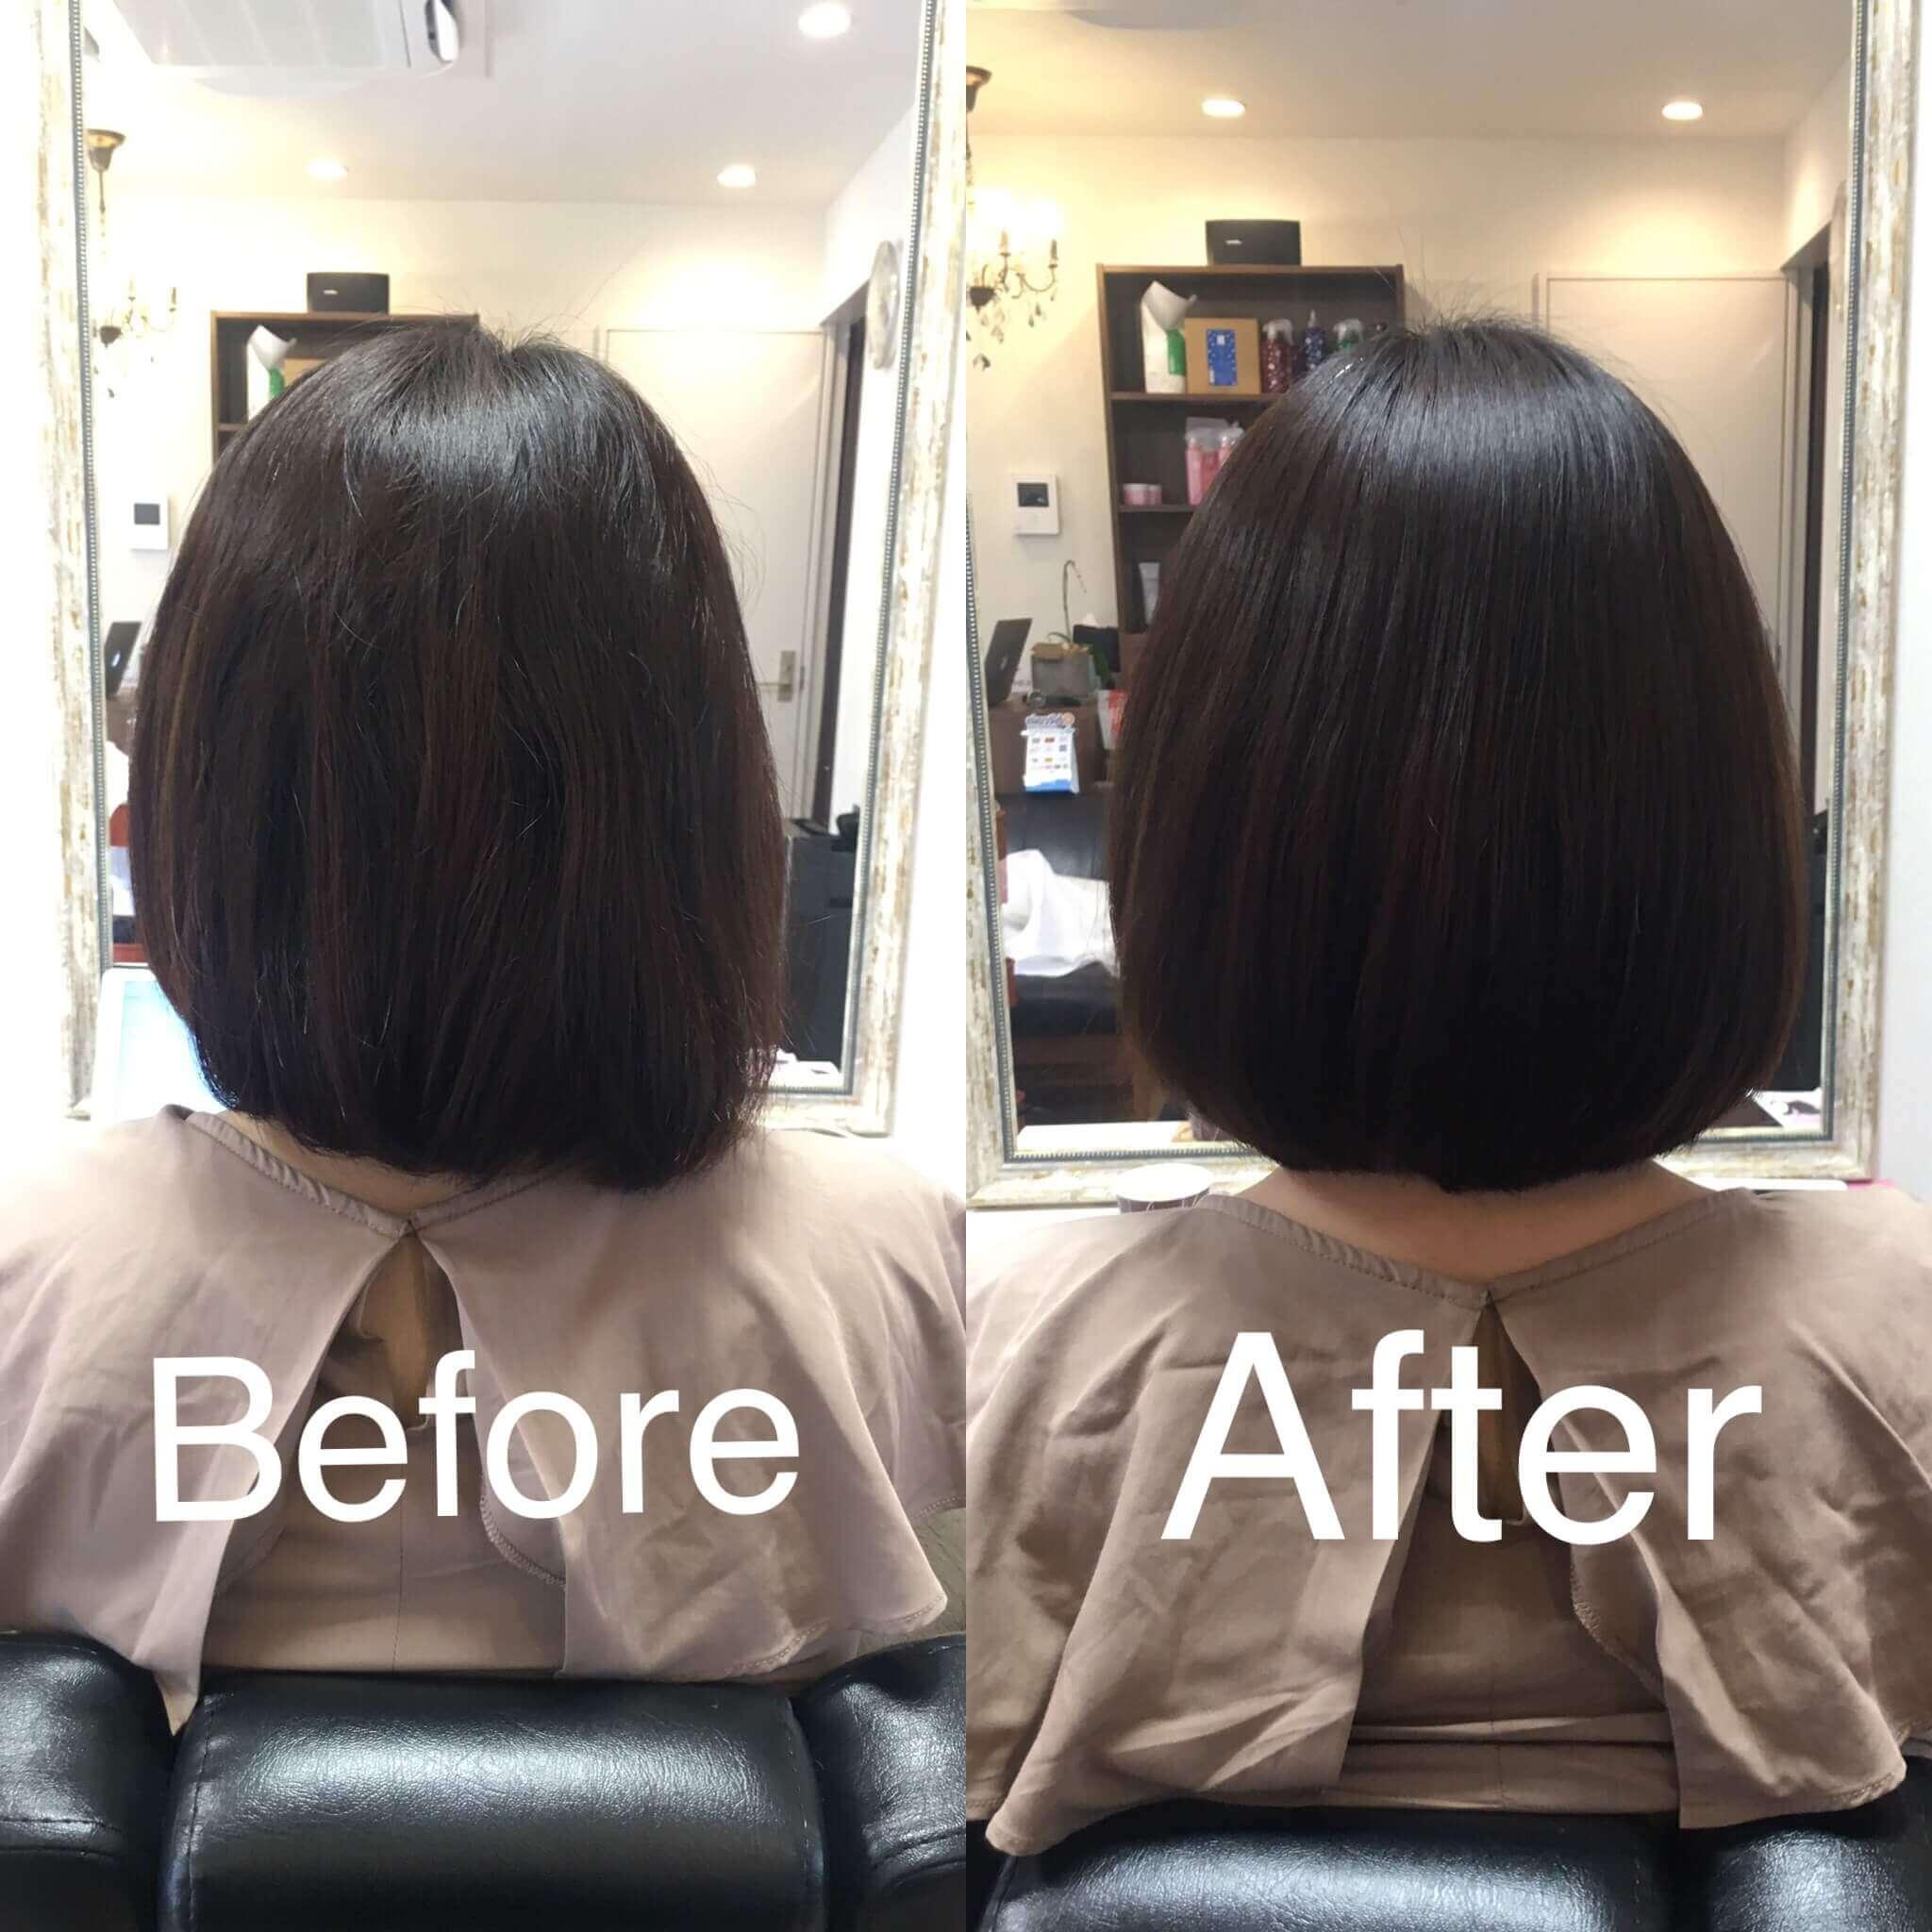 阿倍野の美容院(美容室)アトリ 縮毛矯正・髪質改善その2